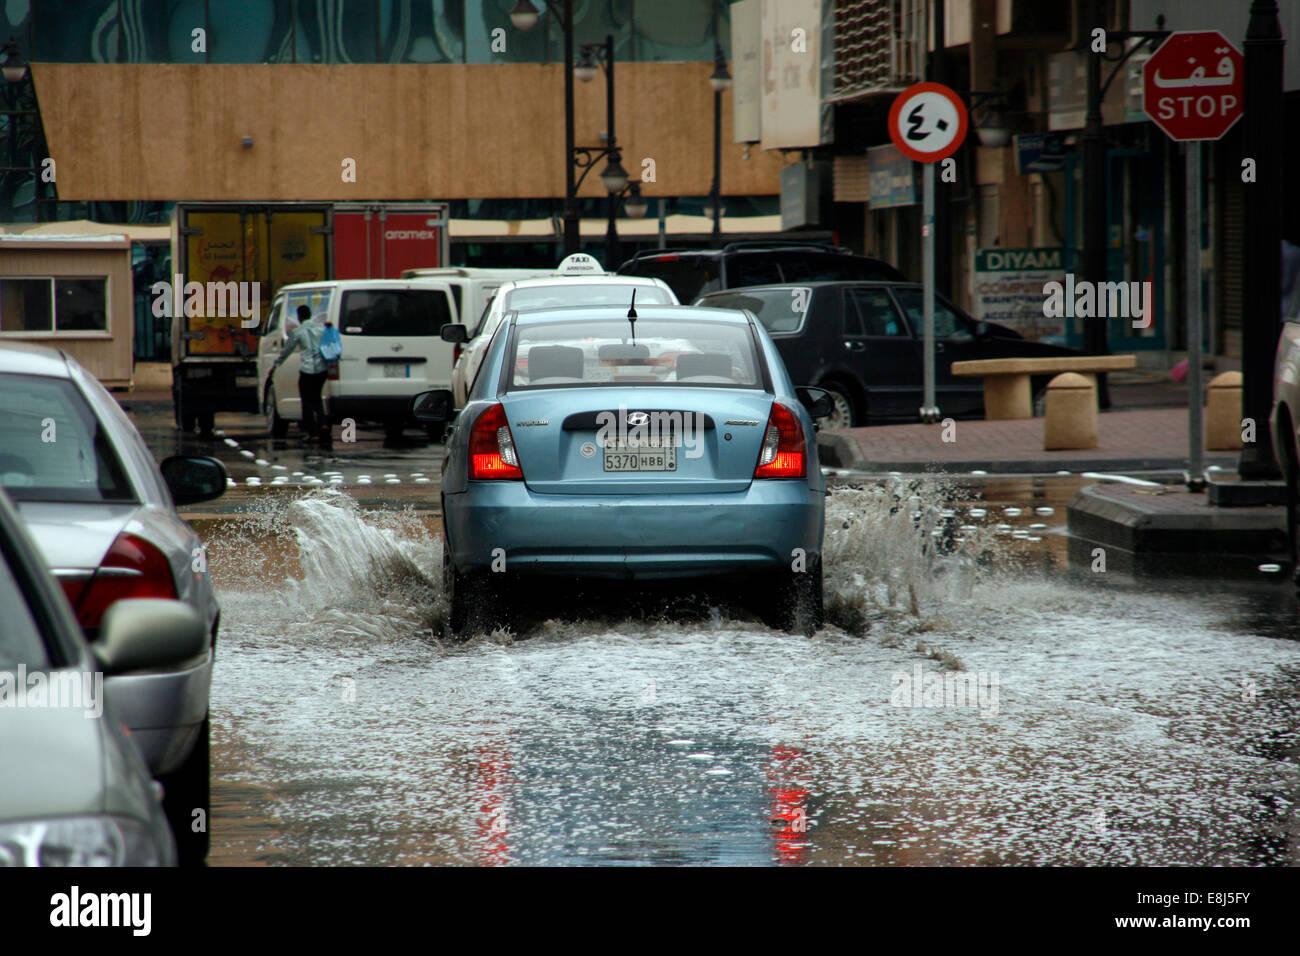 Un coche a través de la construcción de agua de lluvia en las calles de Riad, Arabia Saudita Imagen De Stock